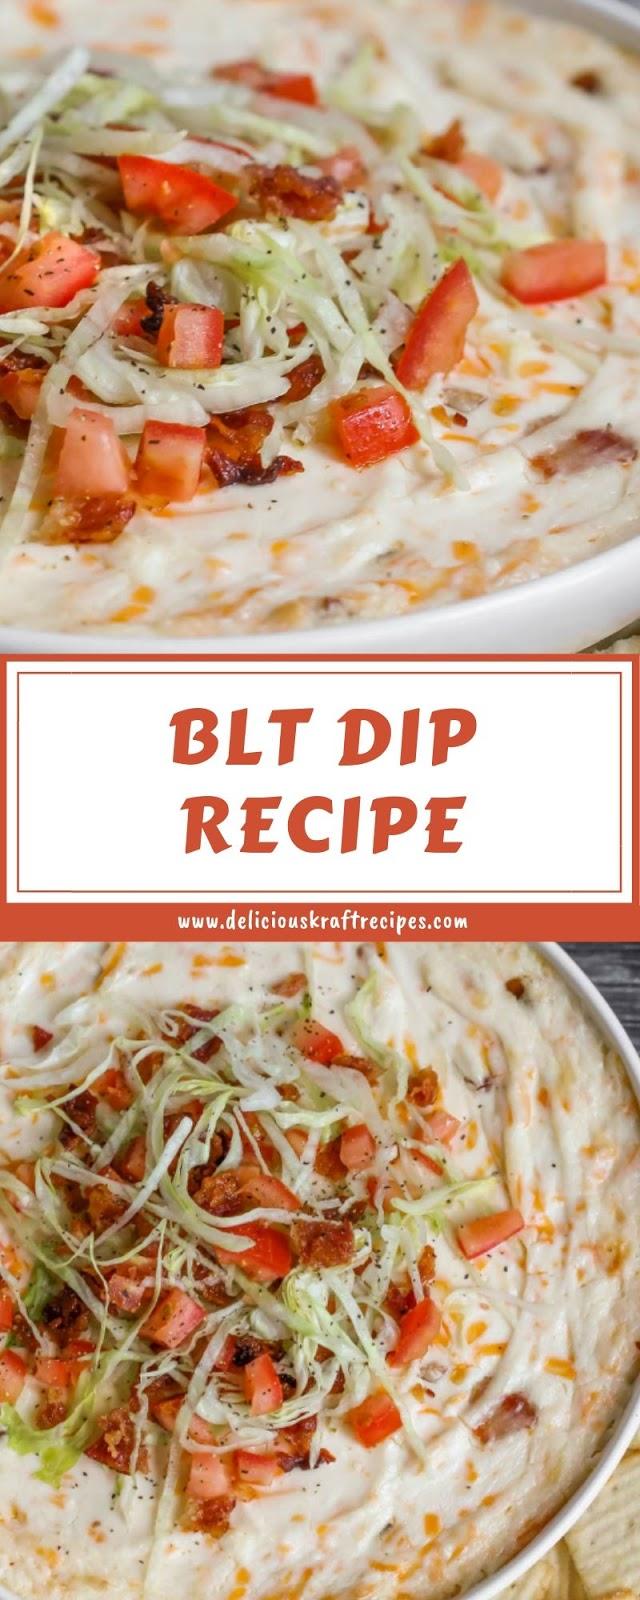 BLT DIP RECIPE